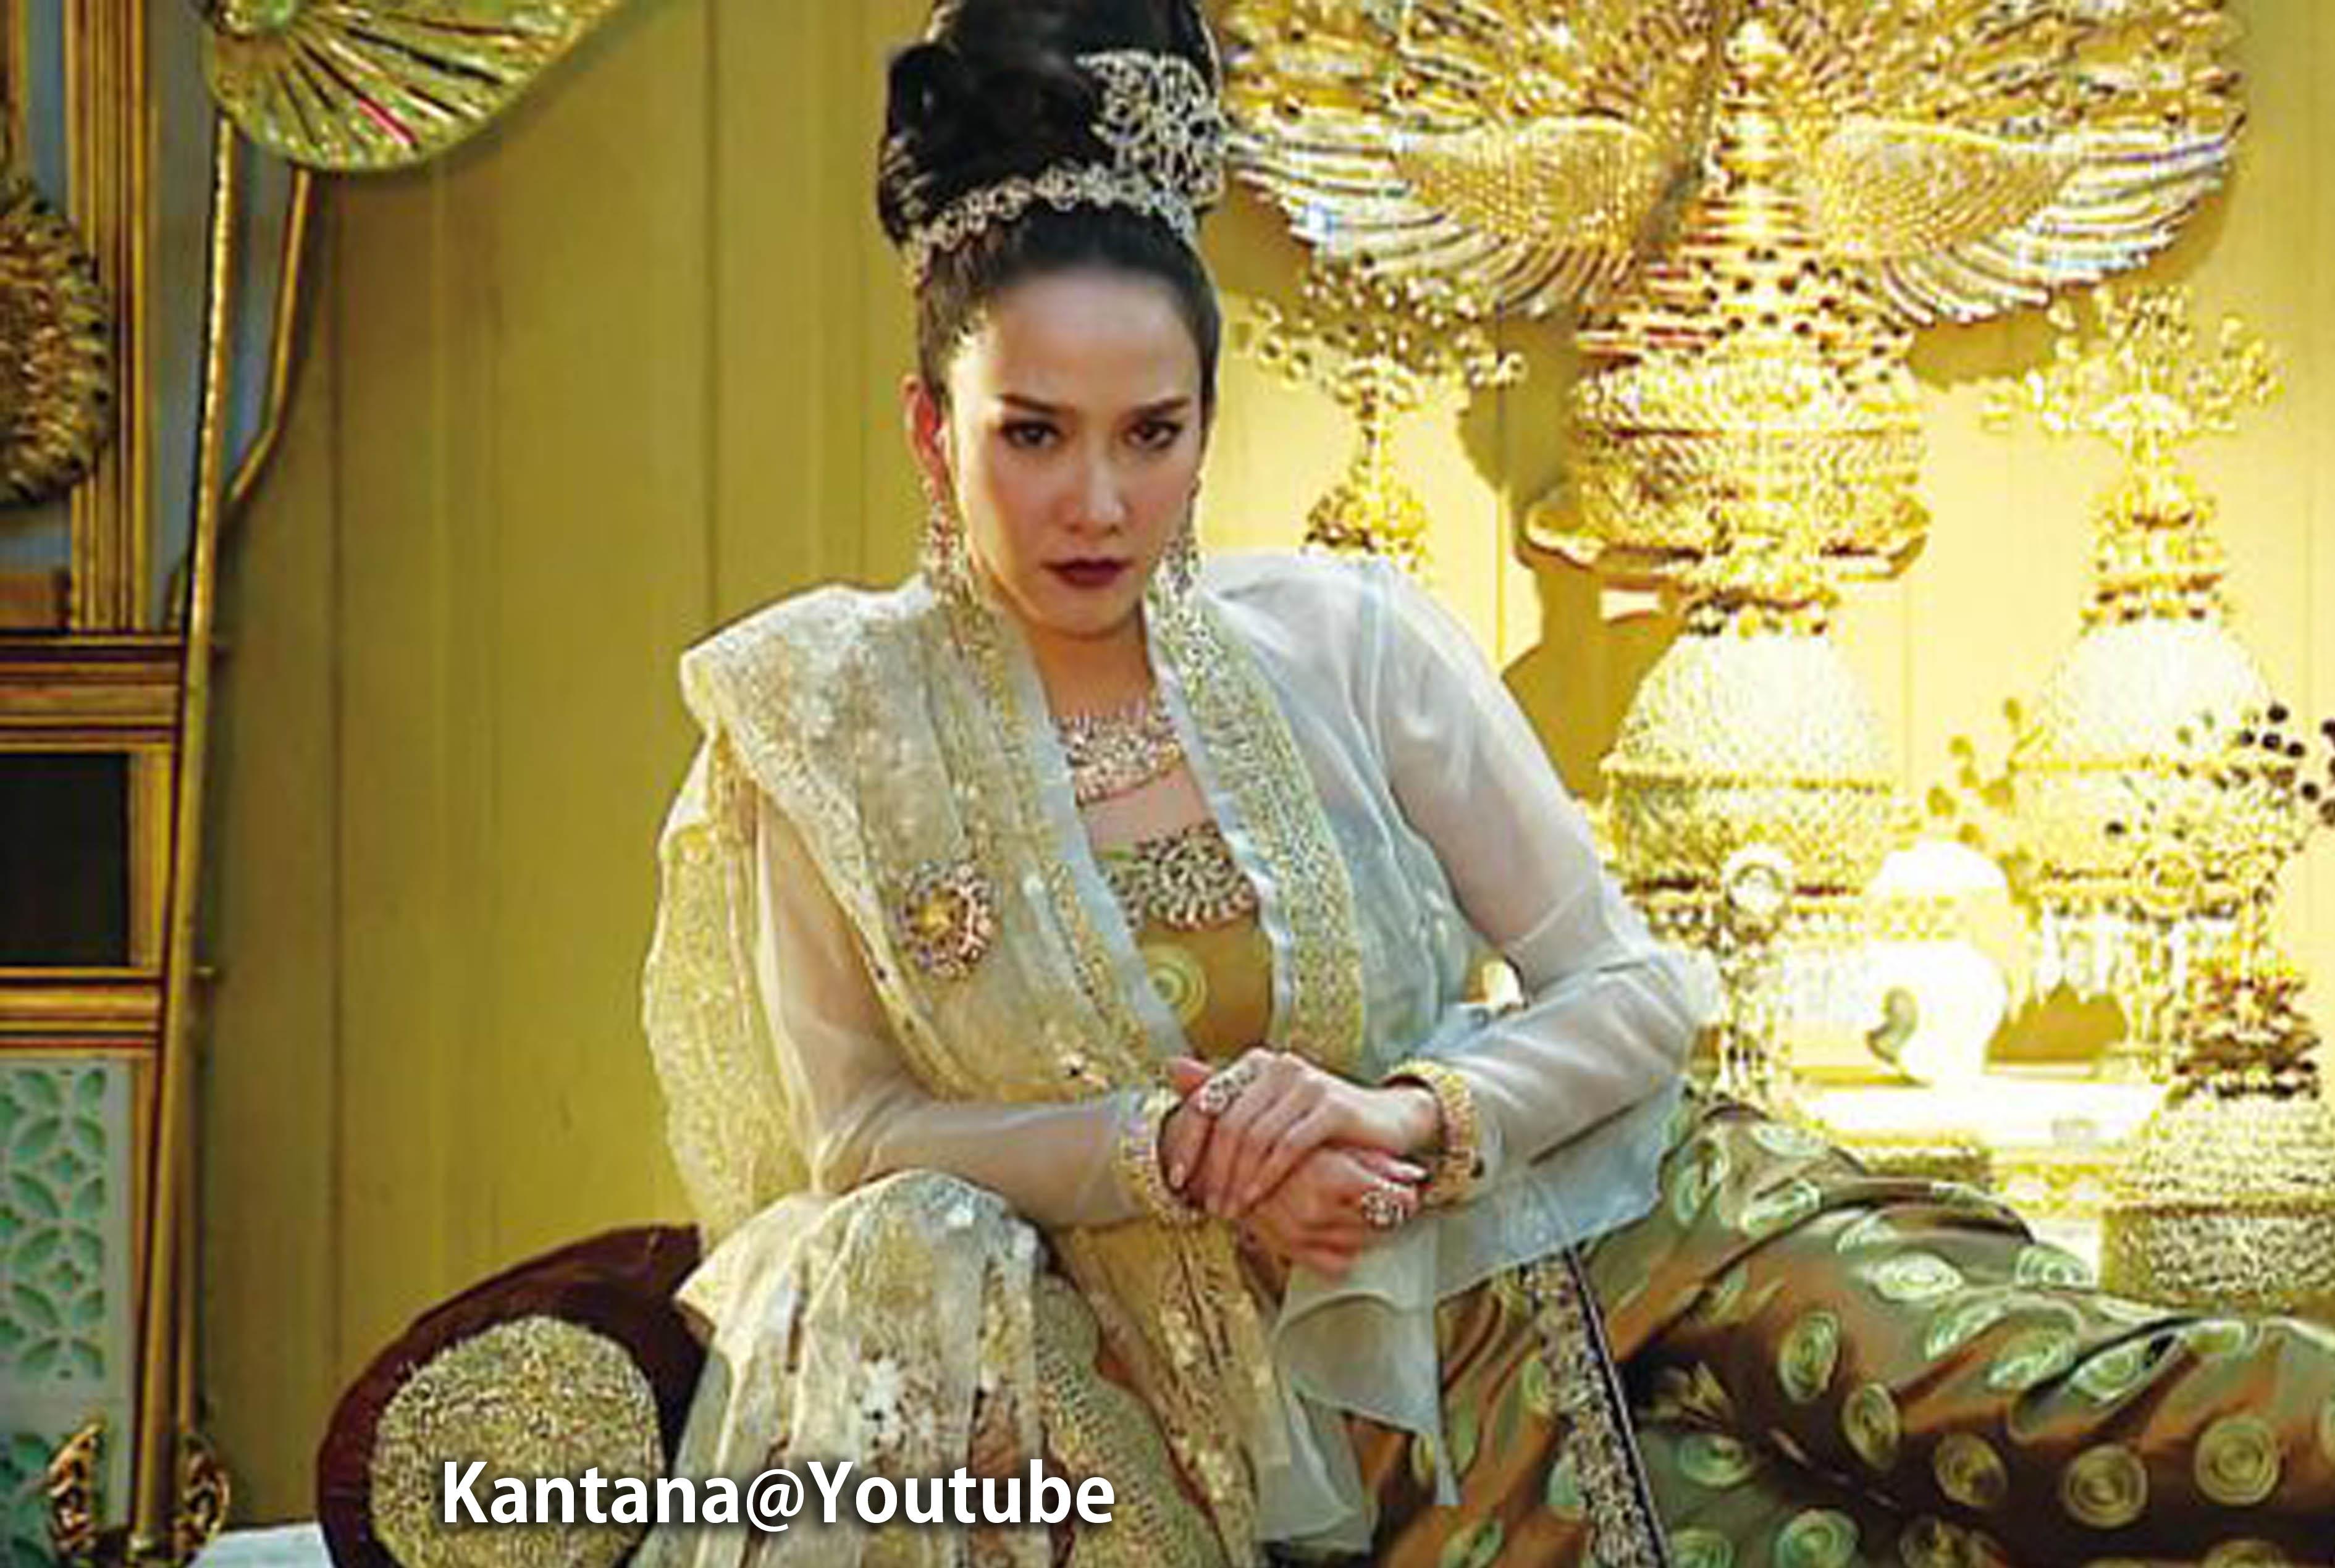 ビルマ王朝末裔がタイドラマに待った! - ワイズデジタル【タイで生活する人のための情報サイト】